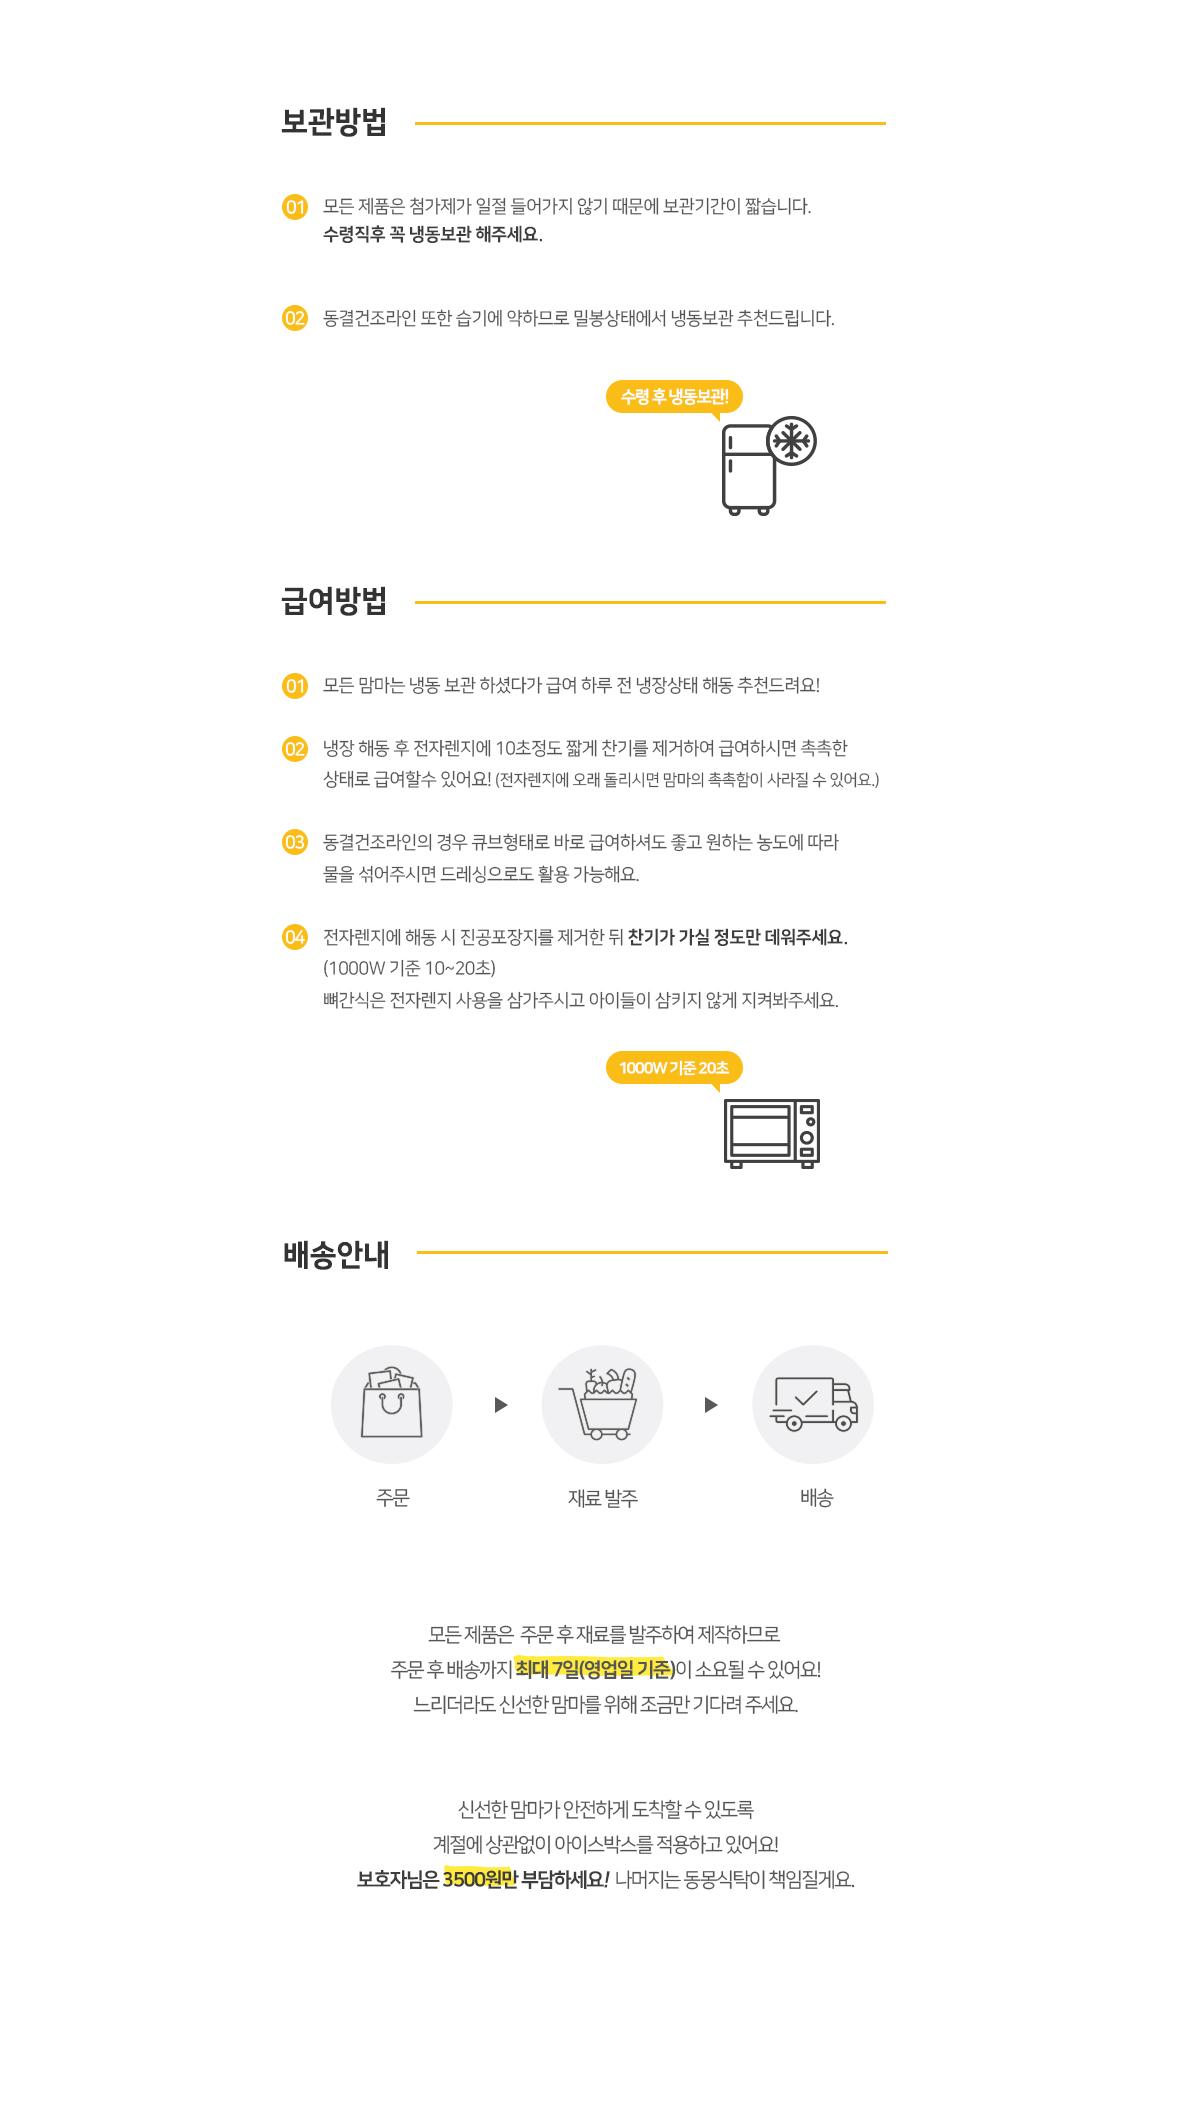 강아지 수제간식 미트볼 100g - 동몽식탁, 6,000원, 간식/영양제, 수제간식